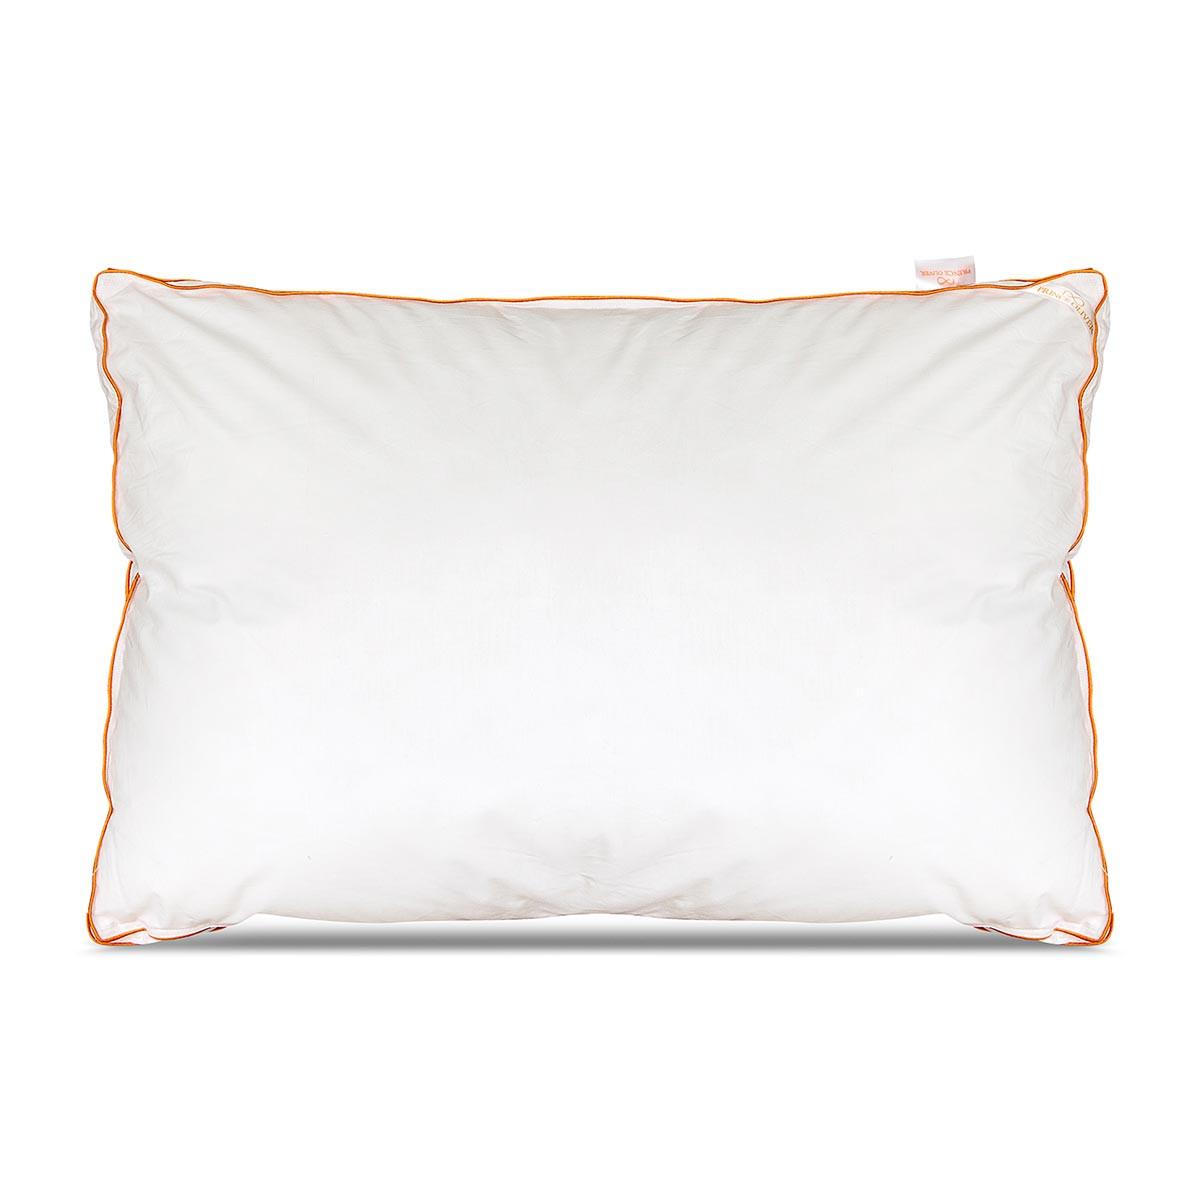 Μαξιλάρι Ύπνου Prince Oliver